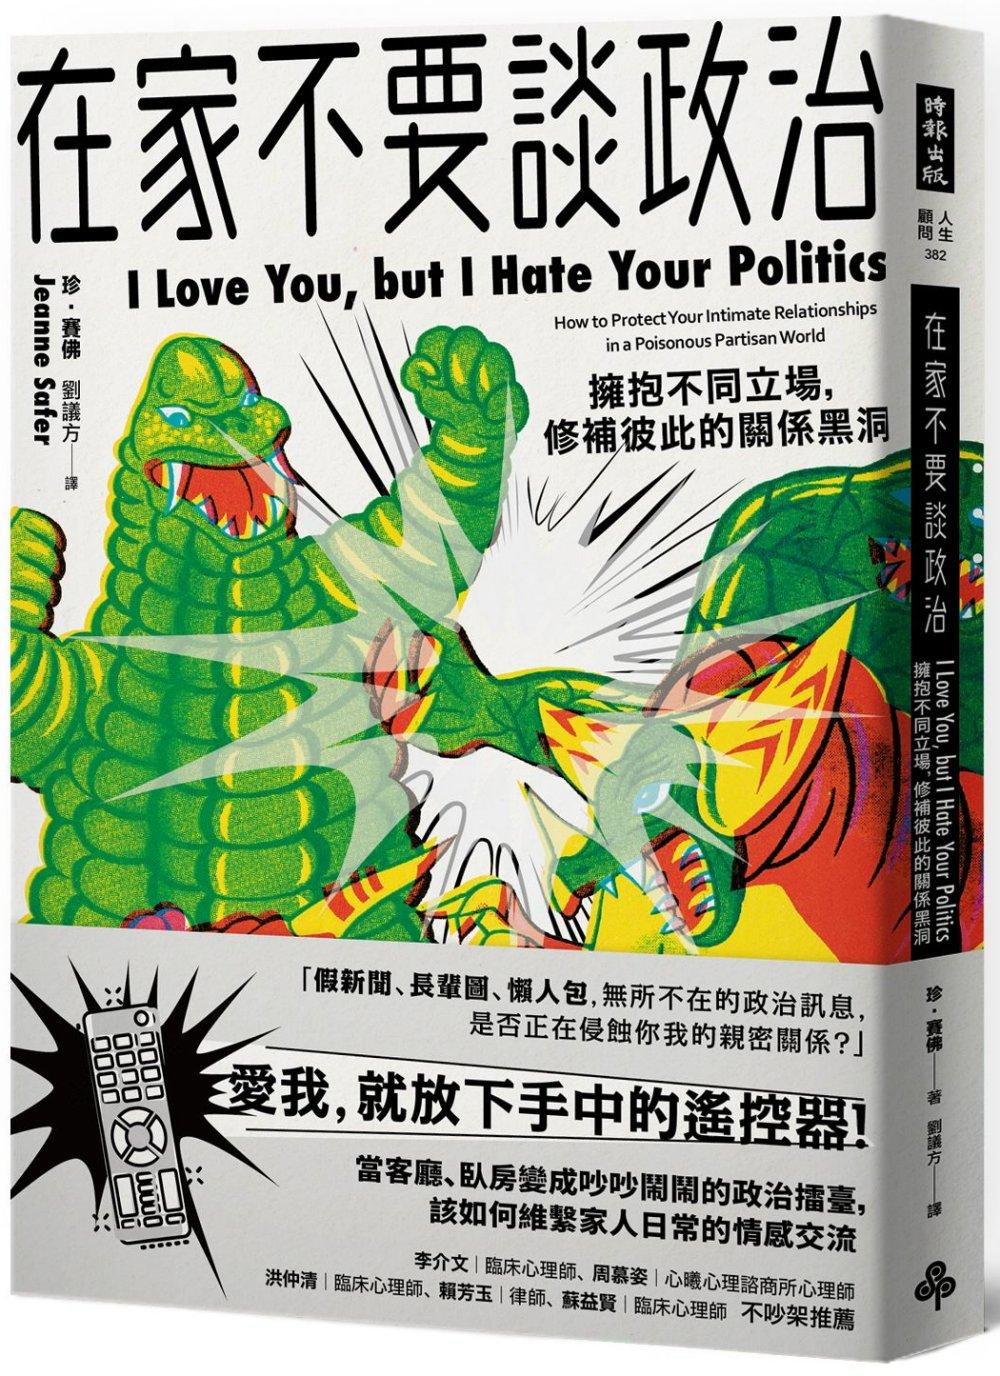 在家不要談政治:擁抱不同立場,修補彼此的關係黑洞